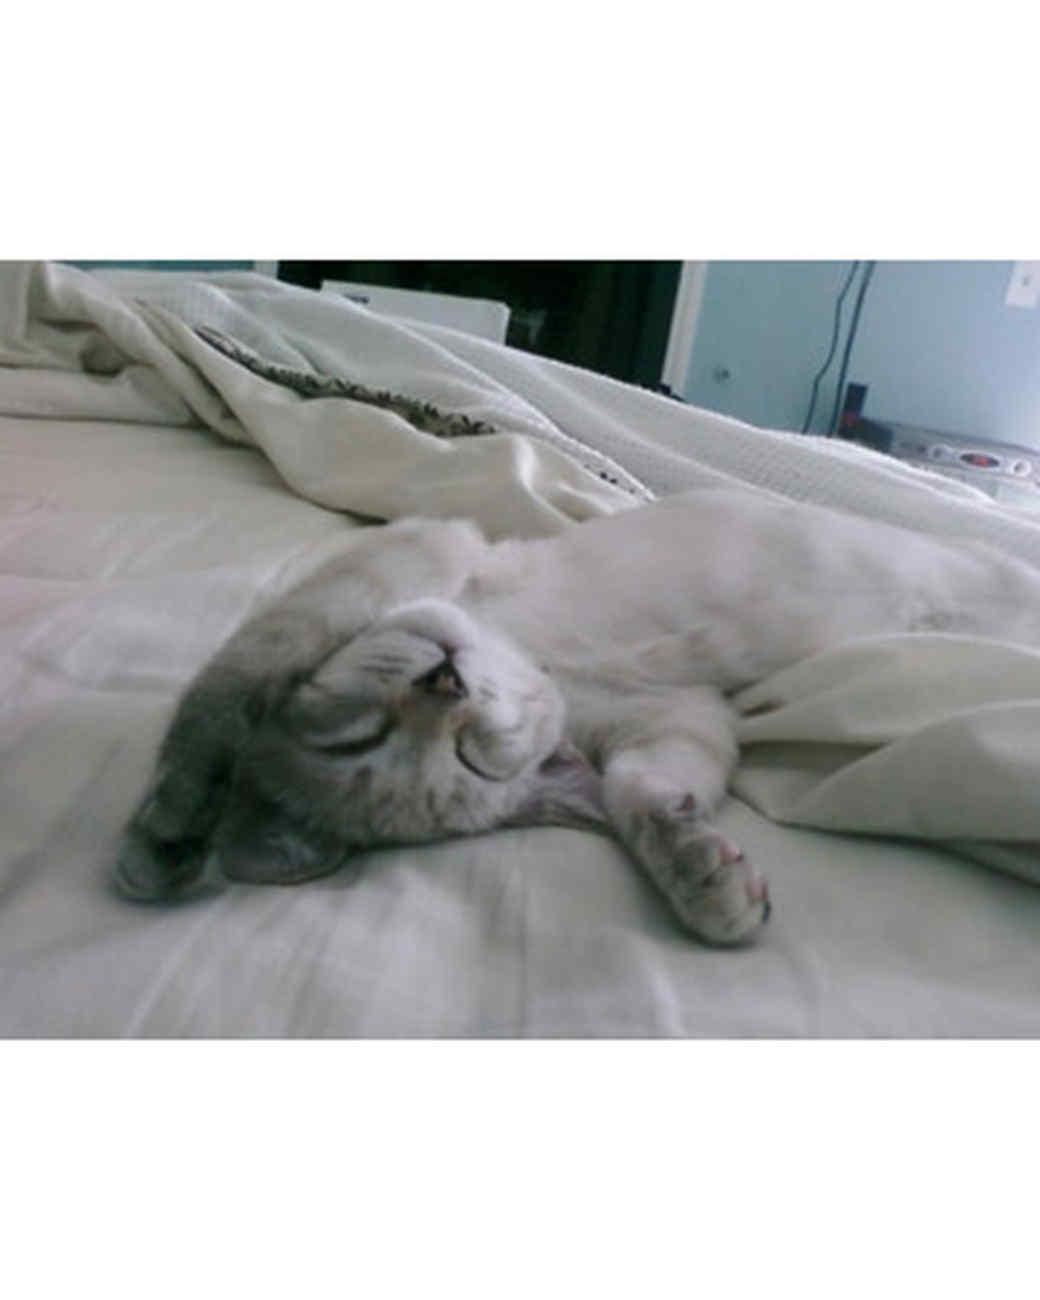 pets_kittens_0610_9550553_21067944.jpg